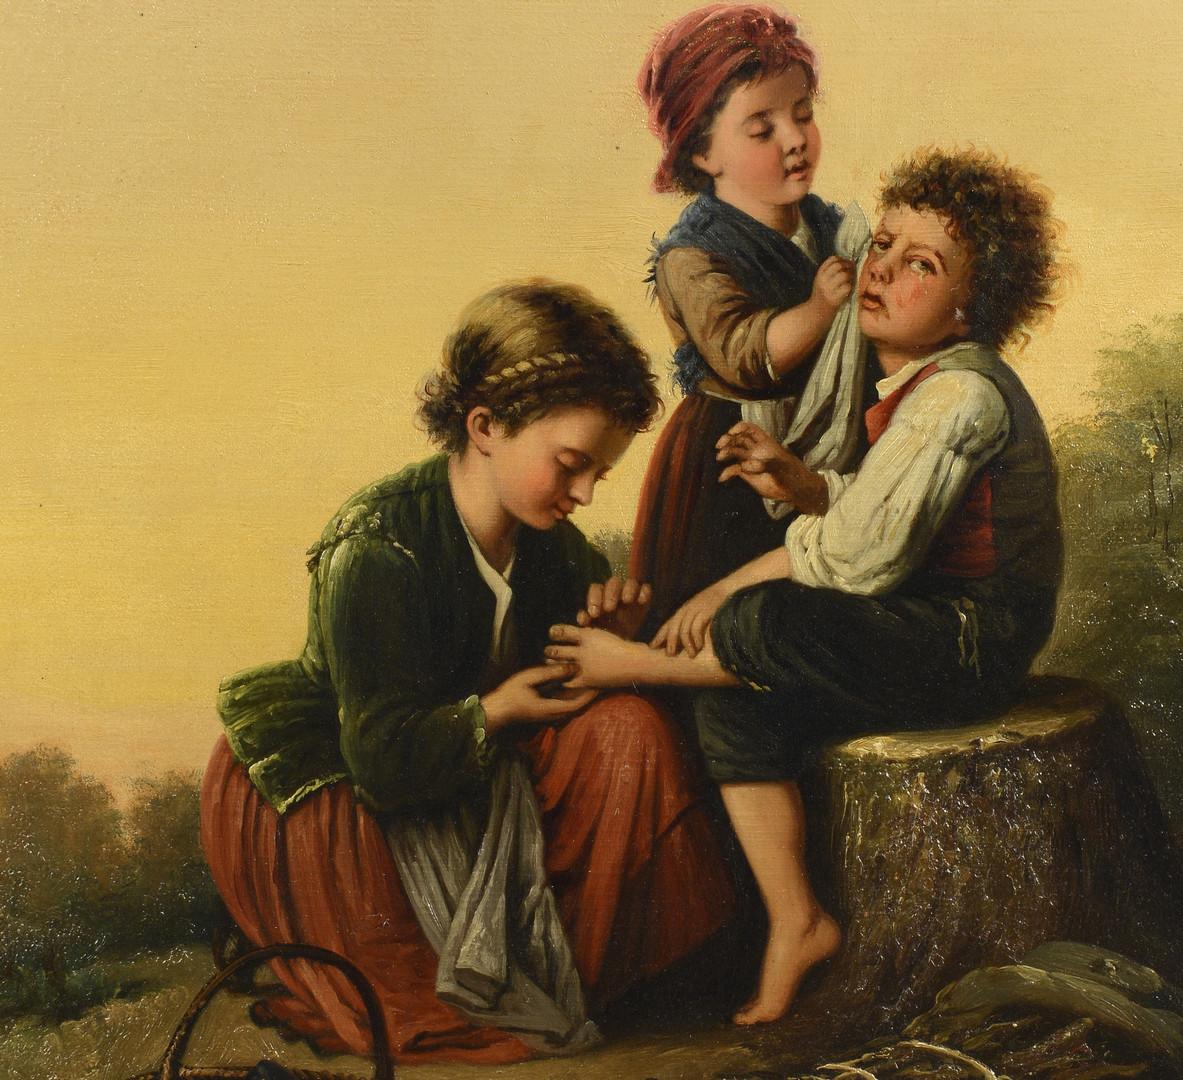 Lot 49: C. Beeker genre scene with children